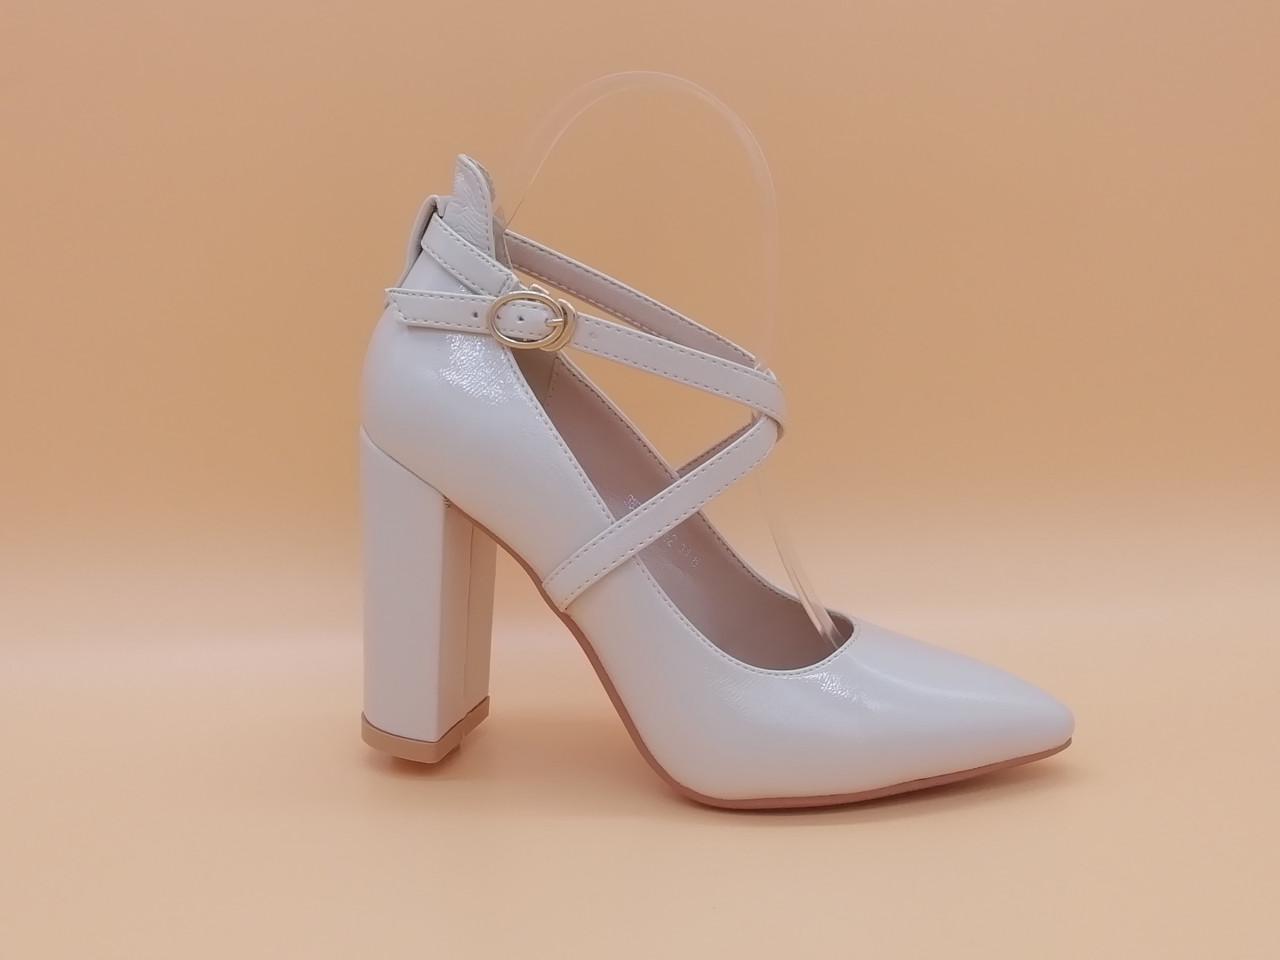 Туфлі на підборах. Маленькі ( 33 - 35 ) розміри.